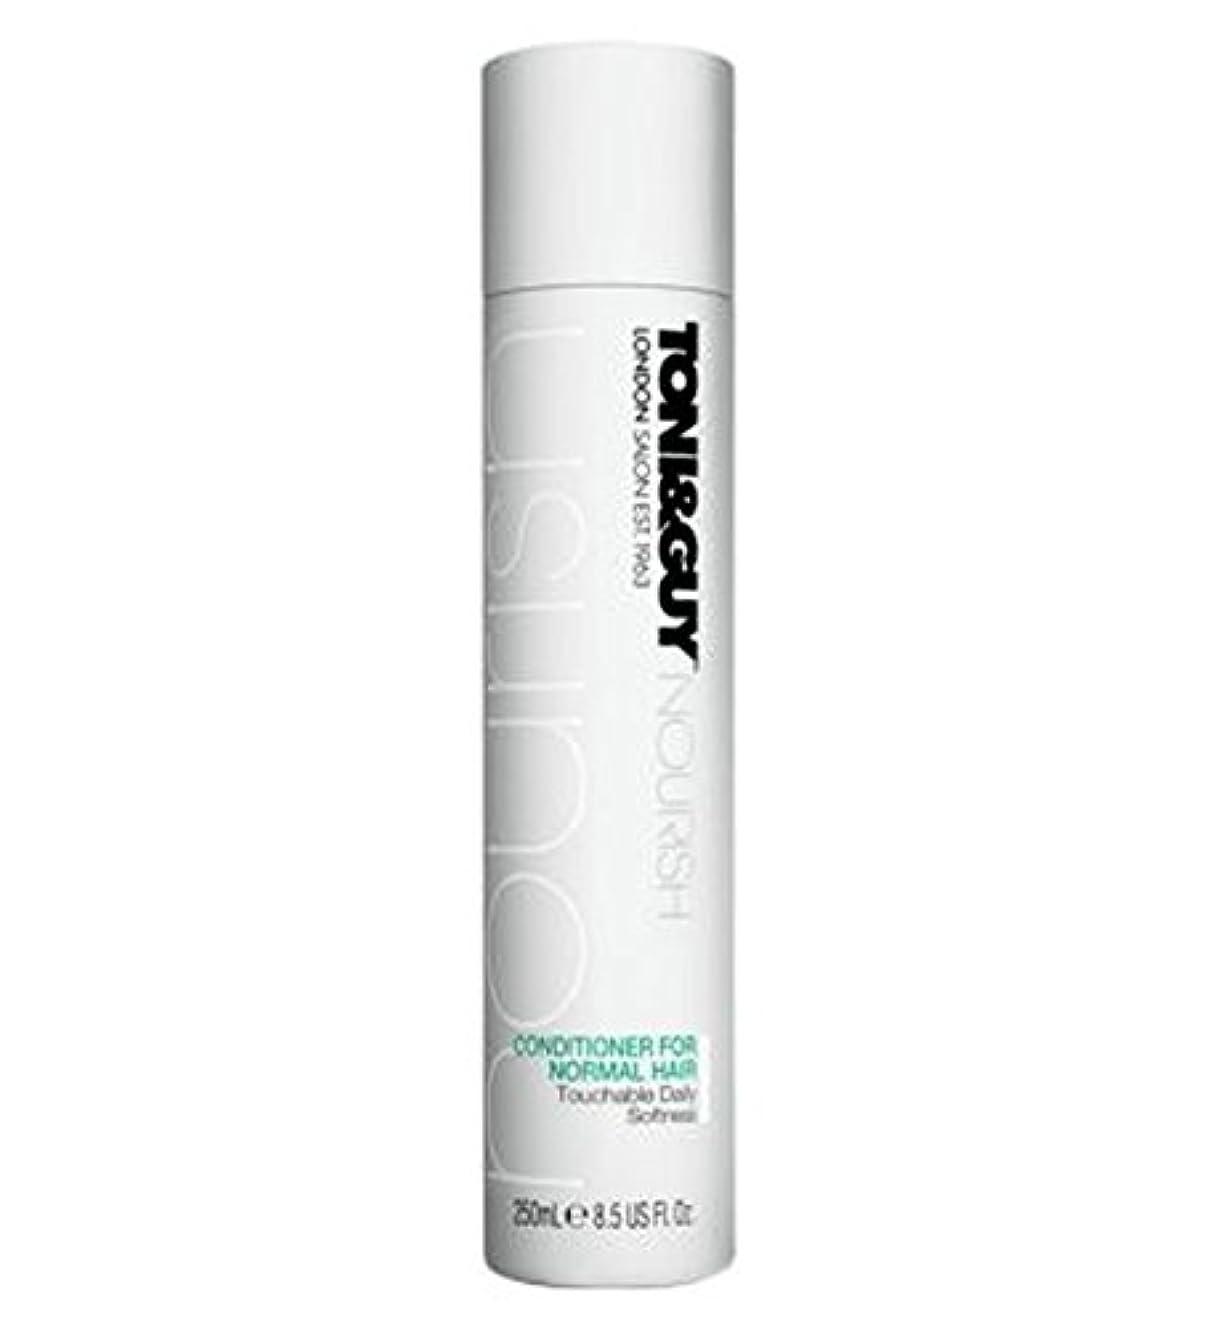 シャイ哺乳類ノイズToni&Guy Conditioner for Normal Hair 250ml - ノーマルヘア250ミリリットルのためのトニ&男コンディショナー (Toni & Guy) [並行輸入品]